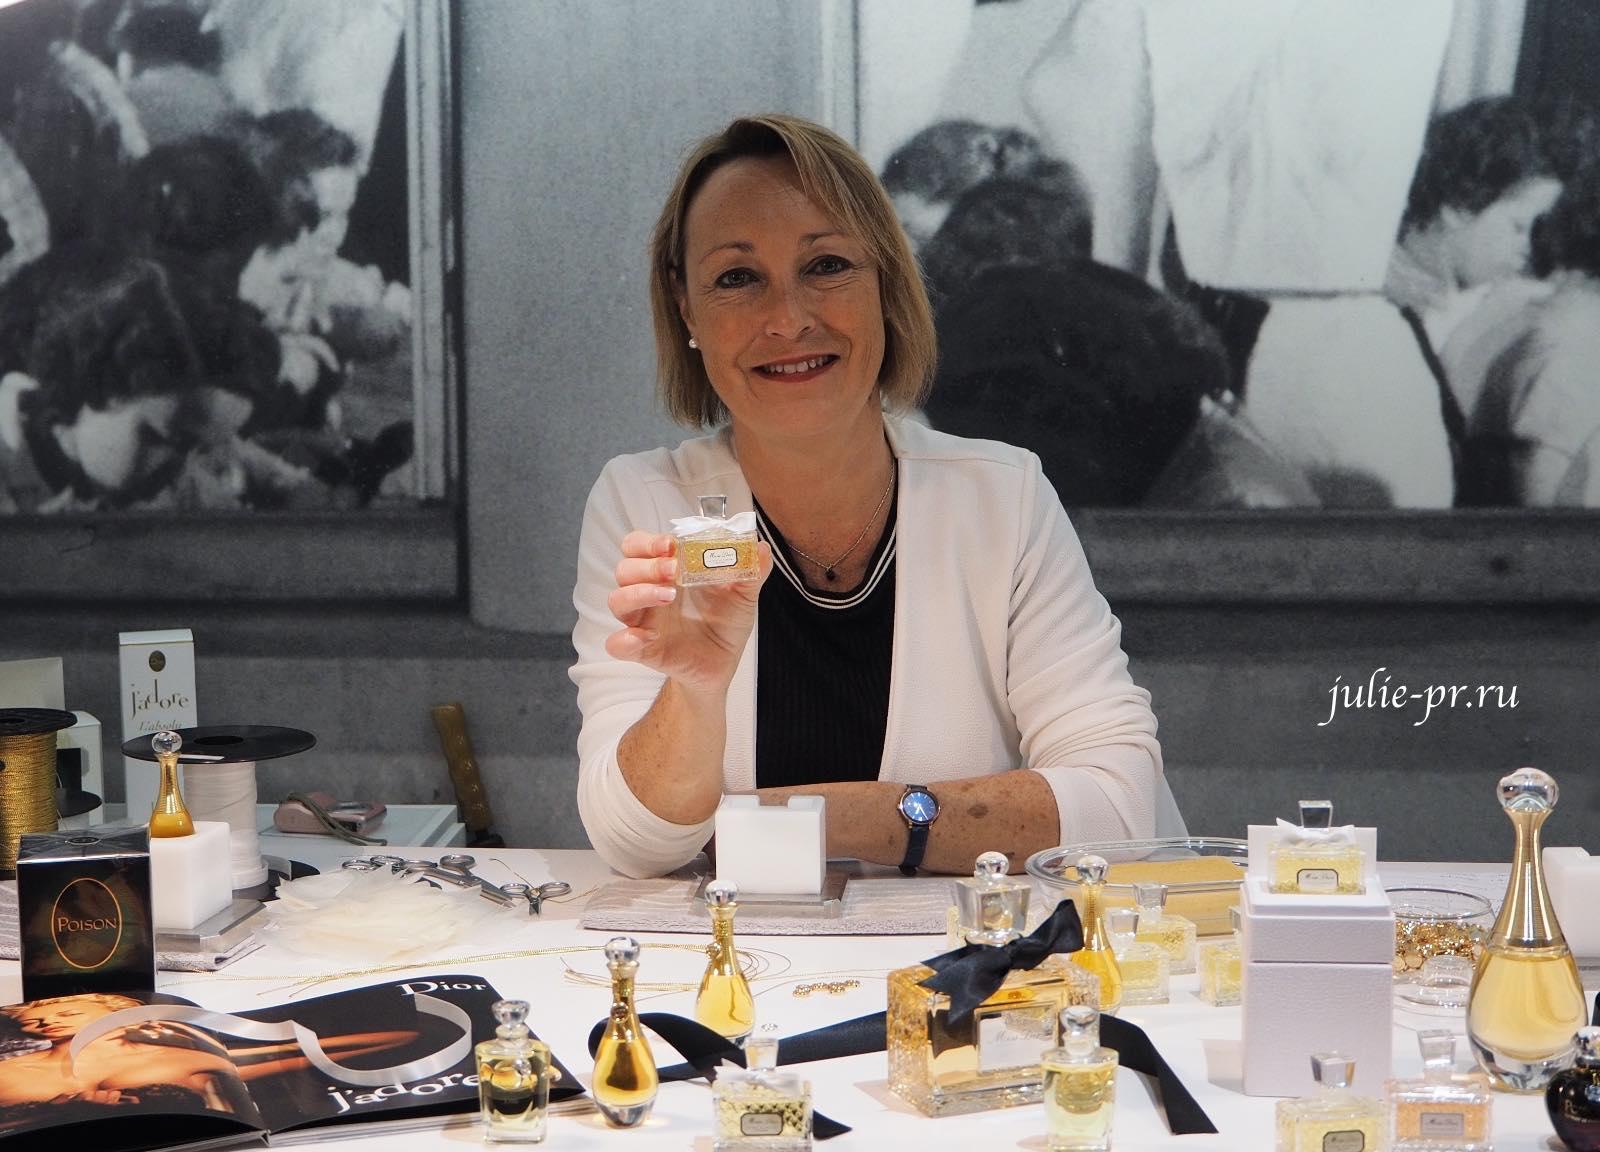 духи Miss Dior, Выставка Christian Dior: Couturier du reve, Кристиан Диор кутюрье мечты, Музей декоративного искусства, Musee des arts decoratifs, Париж